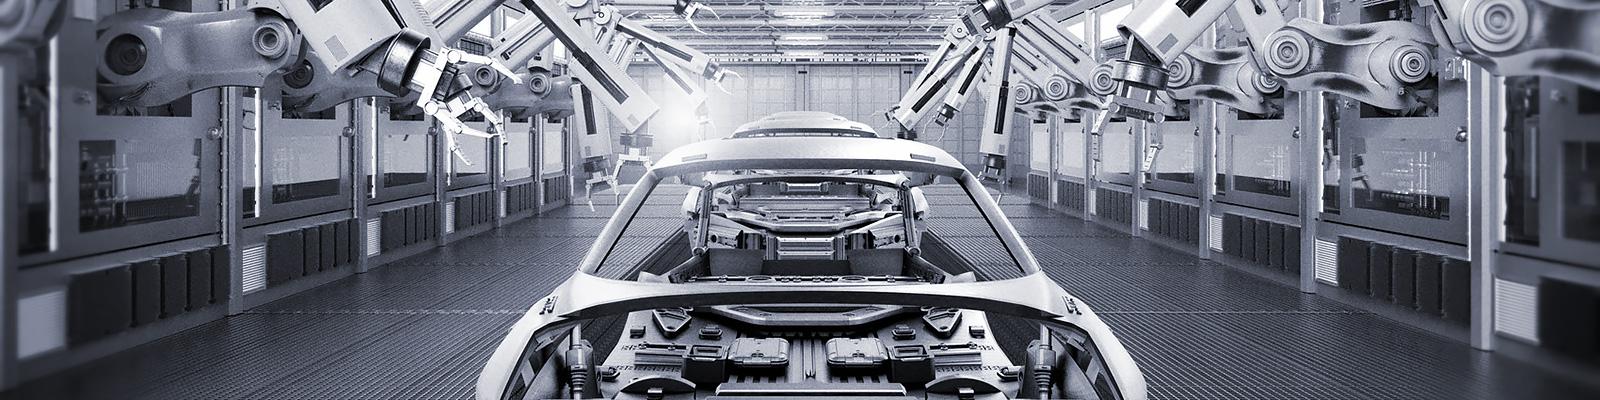 自動車 工場 システム イメージ